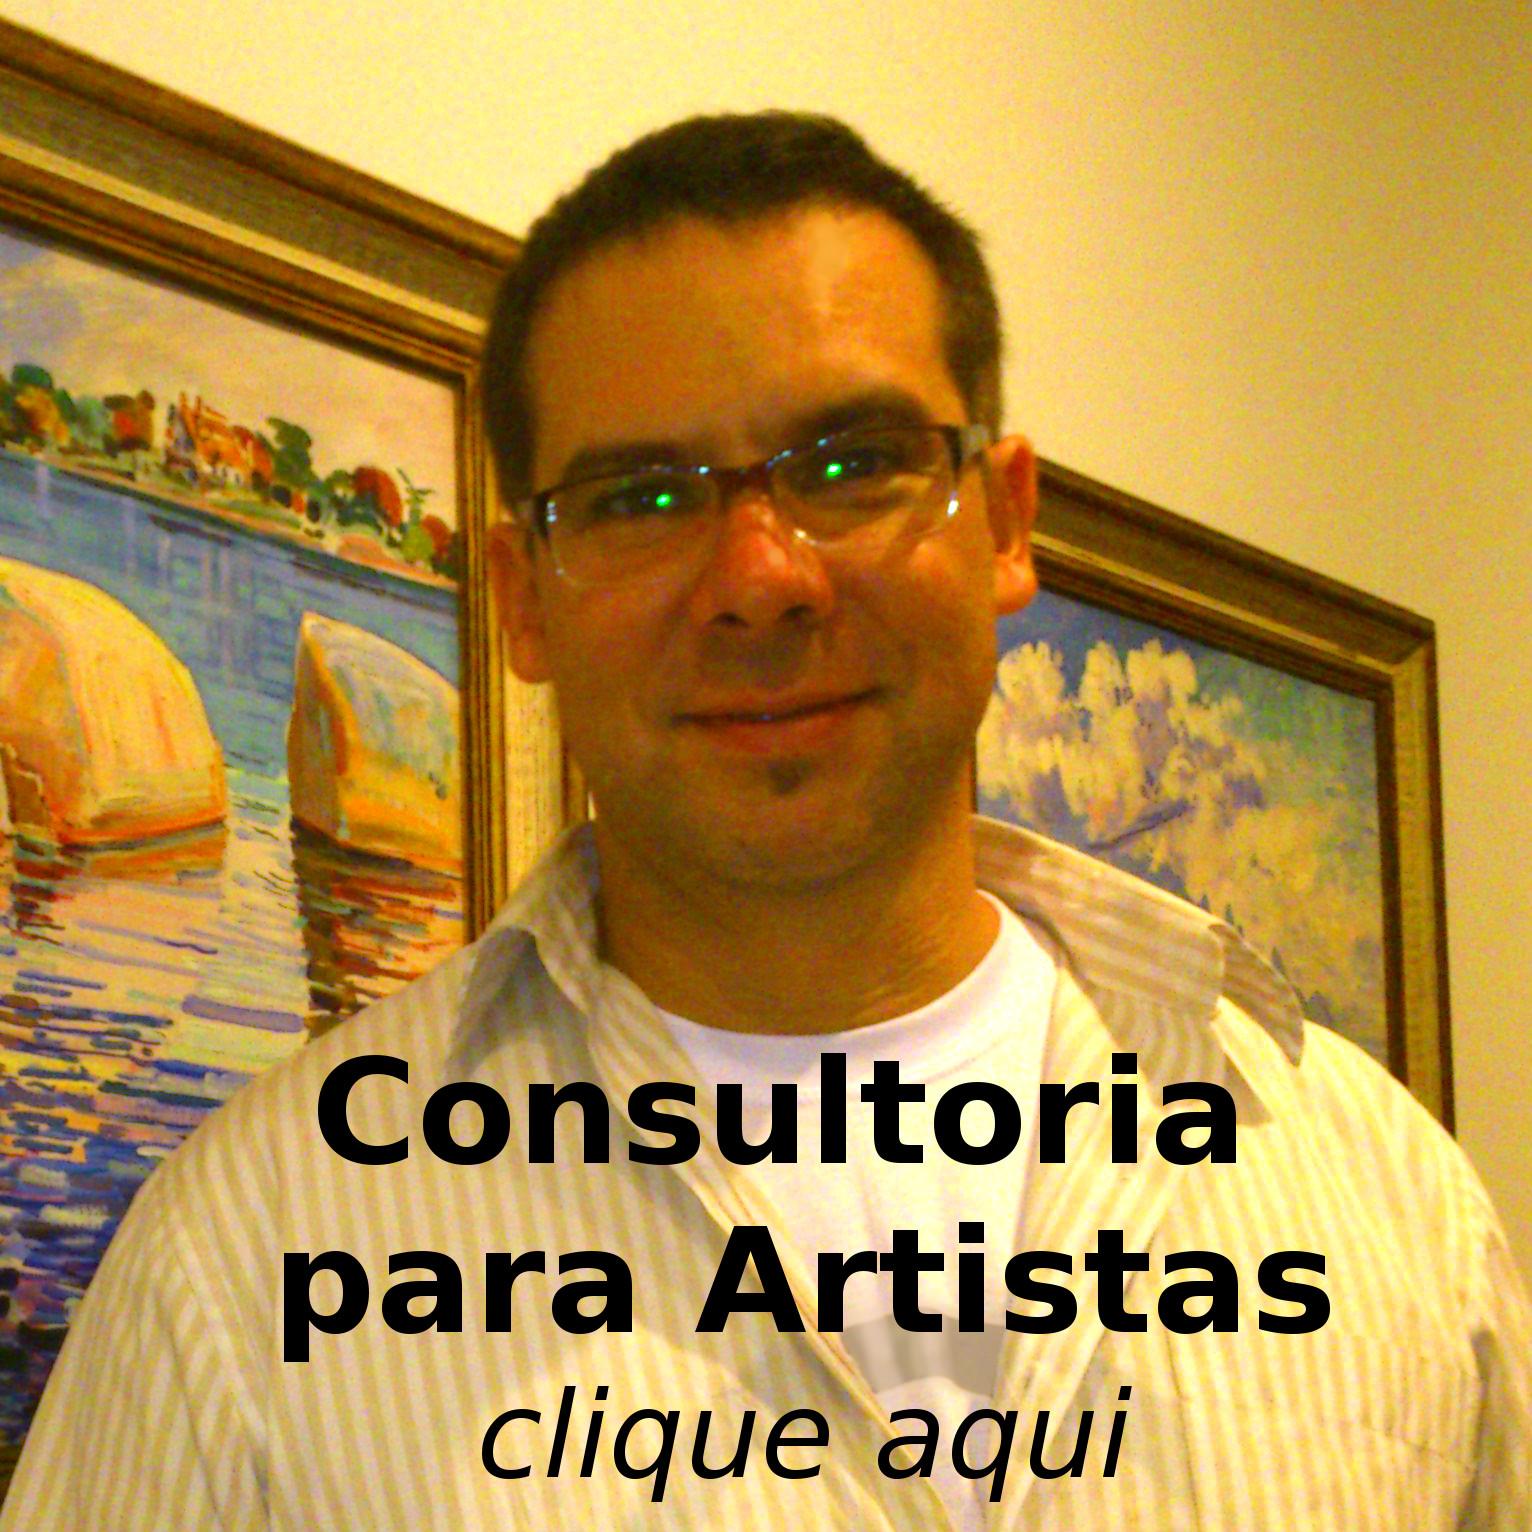 Nossos maiores clientes: artistas